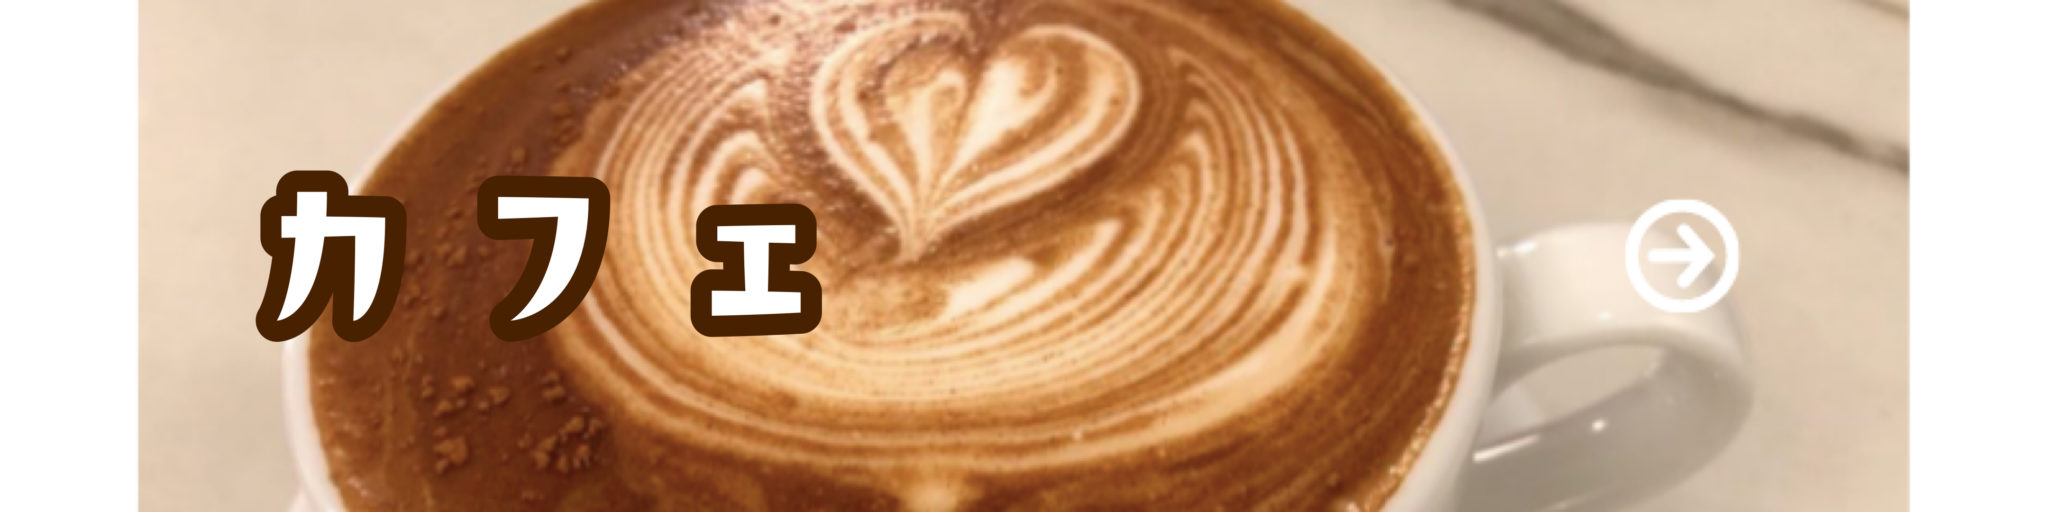 世田谷のカフェ ランキング